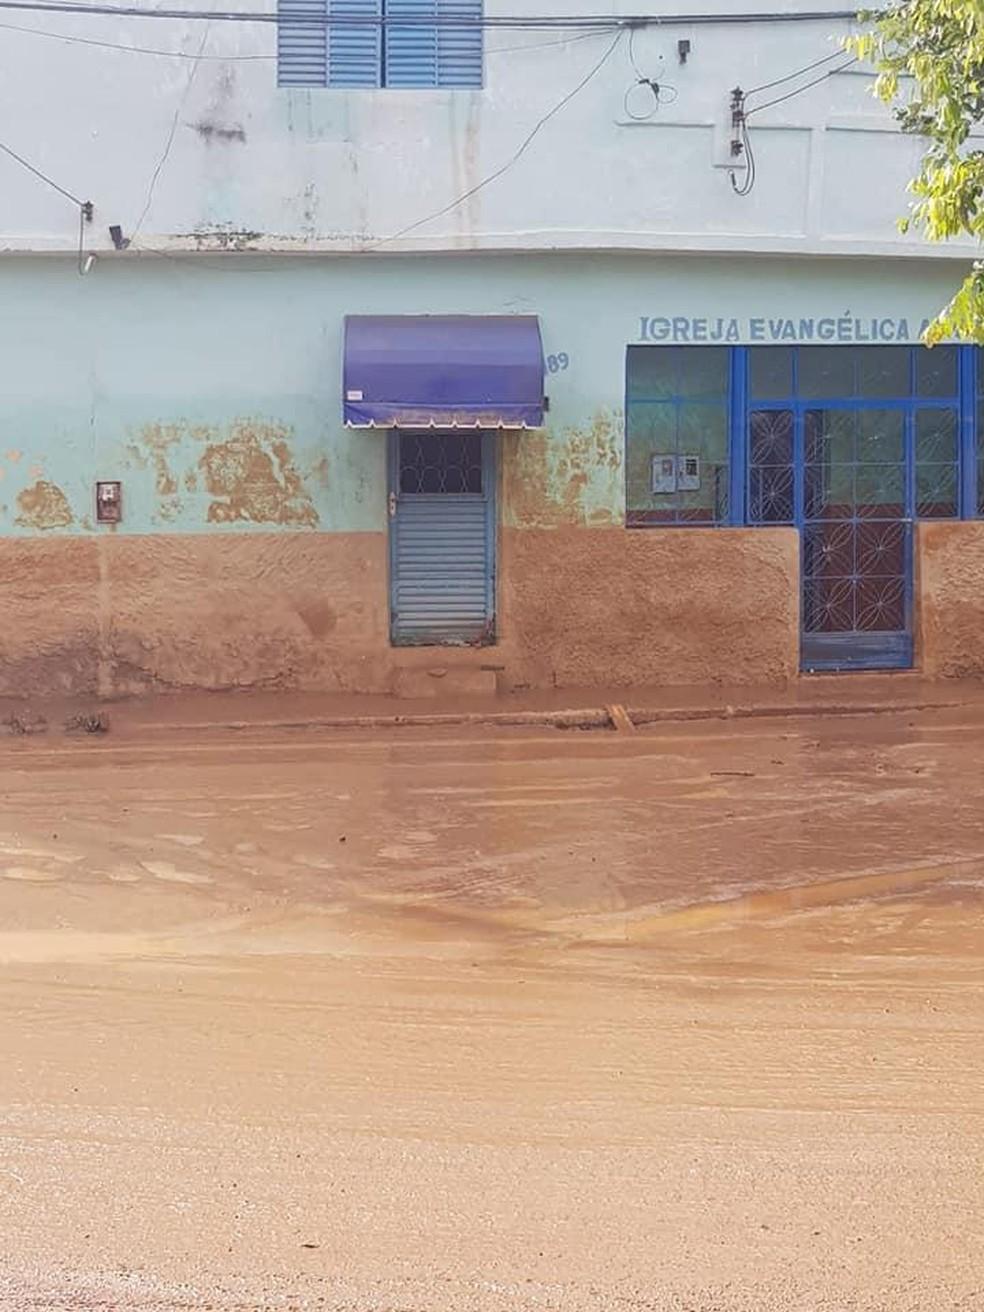 Marcas de lama na parede mostram altura que a água chegou em Porciúncula, no RJ — Foto: Divulgação/Prefeitura de Porciúncula